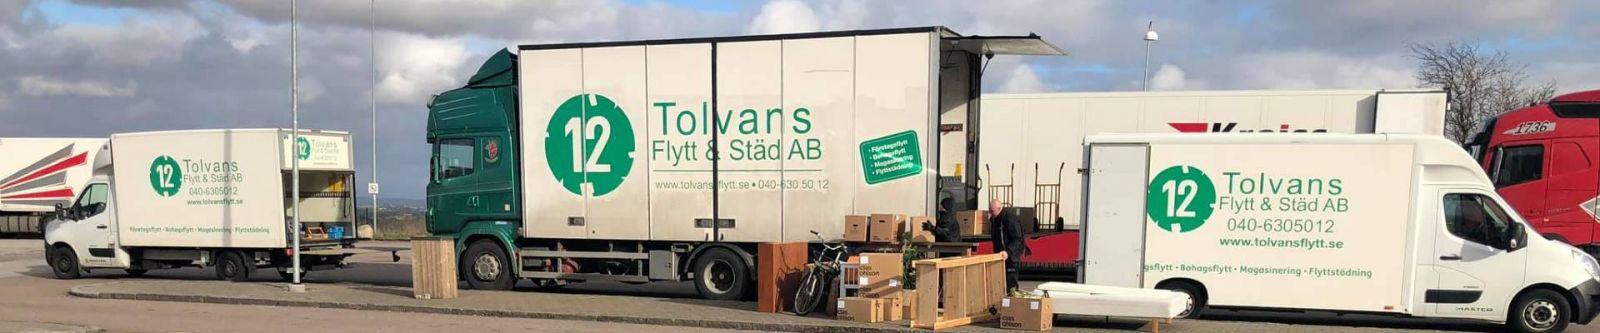 Tolvans Flytt & Städ AB